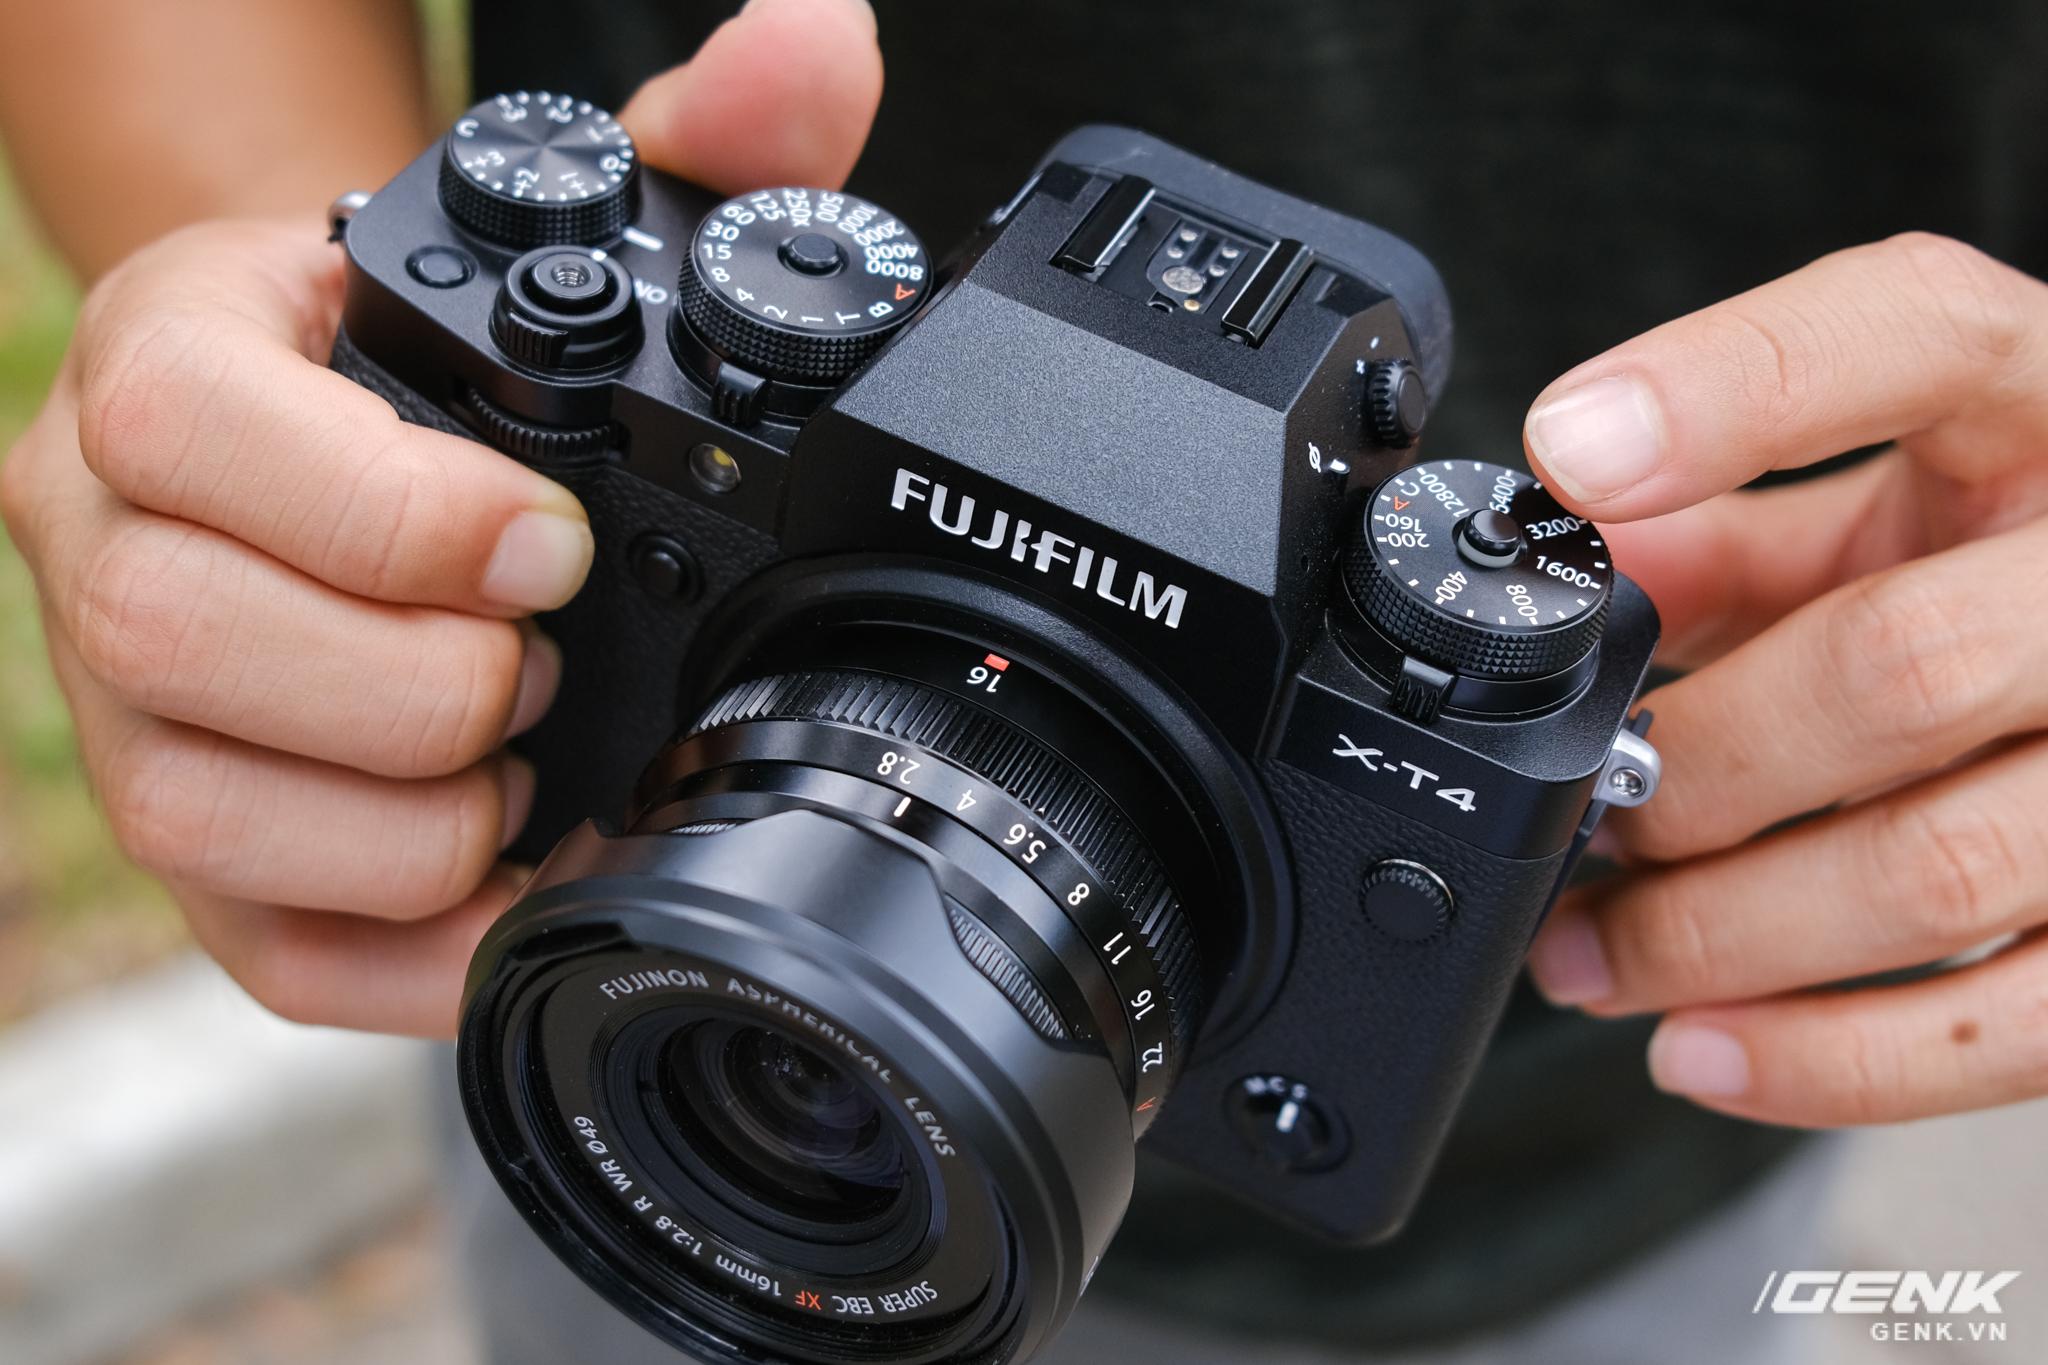 Trải nghiệm nhanh Fujifilm X-T4: Có gì hay và đáng nâng cấp so với đời trước? - Ảnh 10.